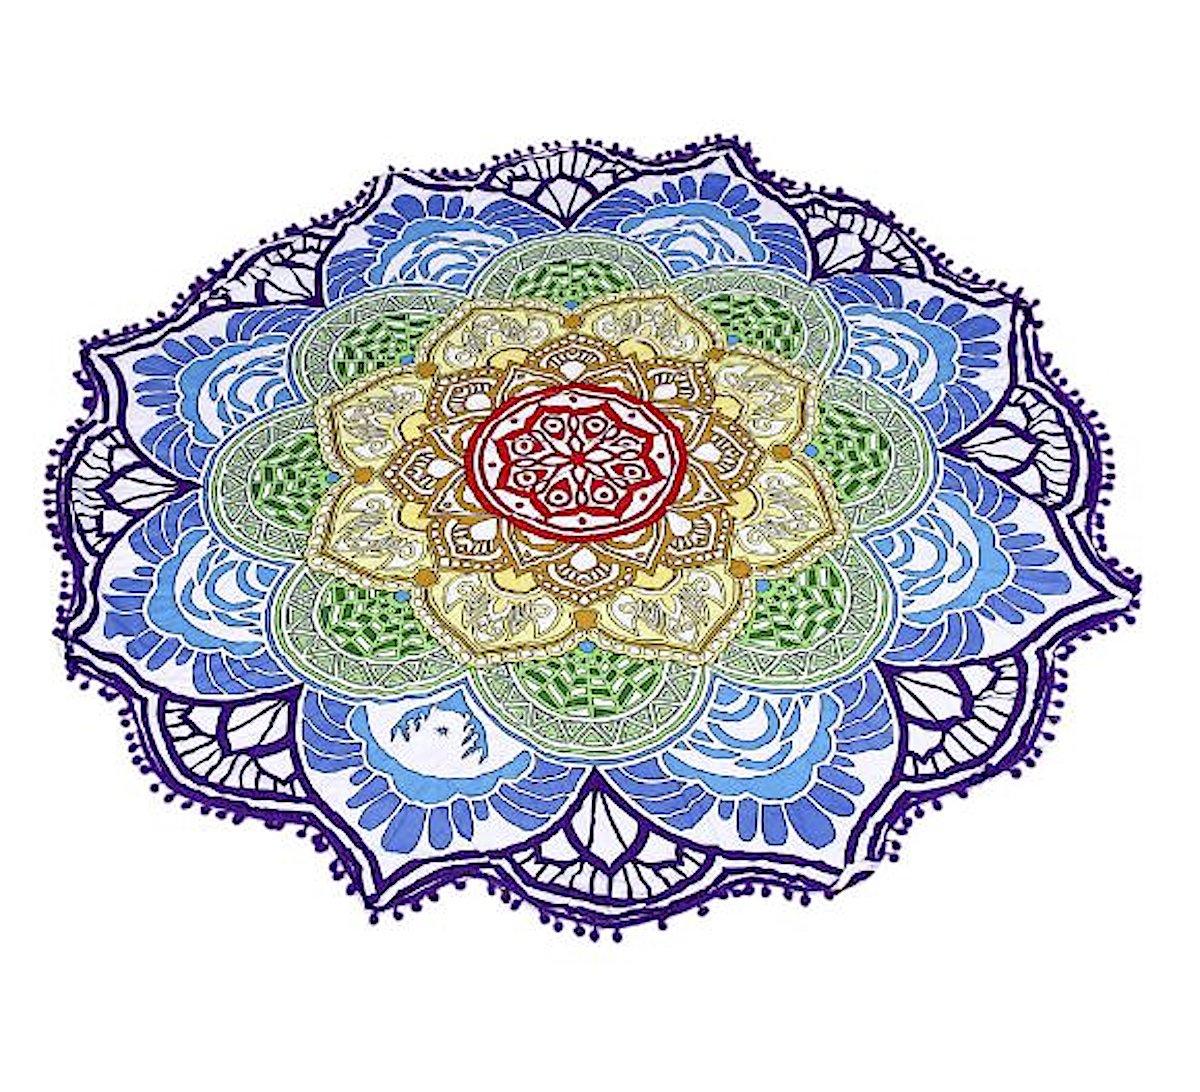 BlueBD , Toalla Manta, Playa, Yoga, Esterilla de Yoga, Lotus, Diseño Mandala Indio, Redondo, Algodón, Mantel Toalla de Playa, Bufanda, II: Amazon.es: Hogar